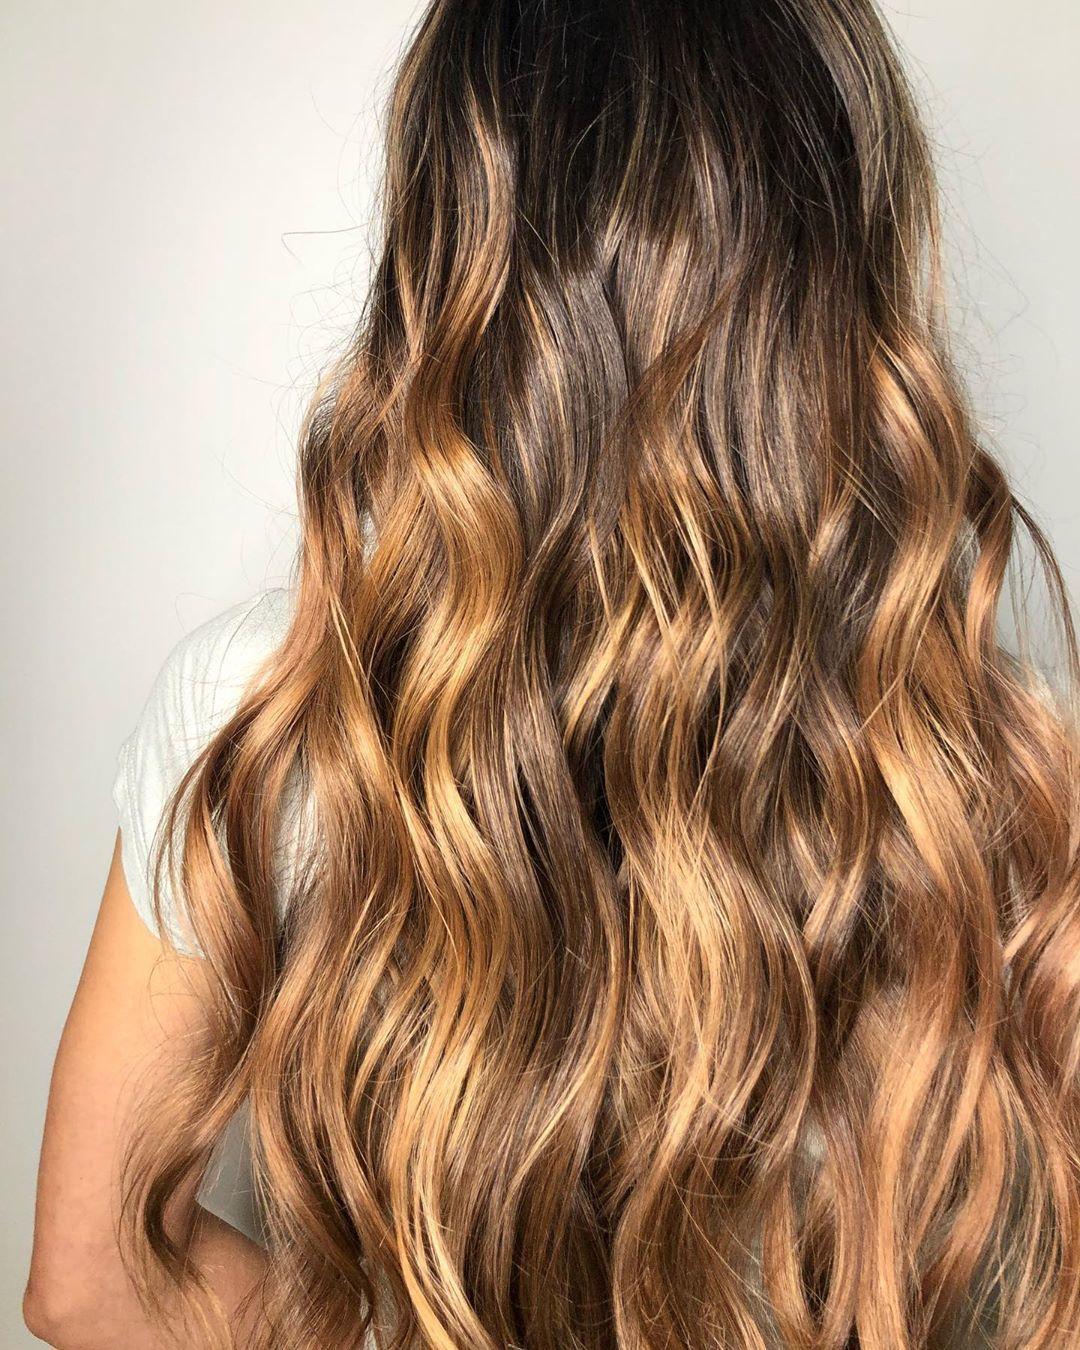 Femme avec de longs cheveux ondulés blond miel foncé